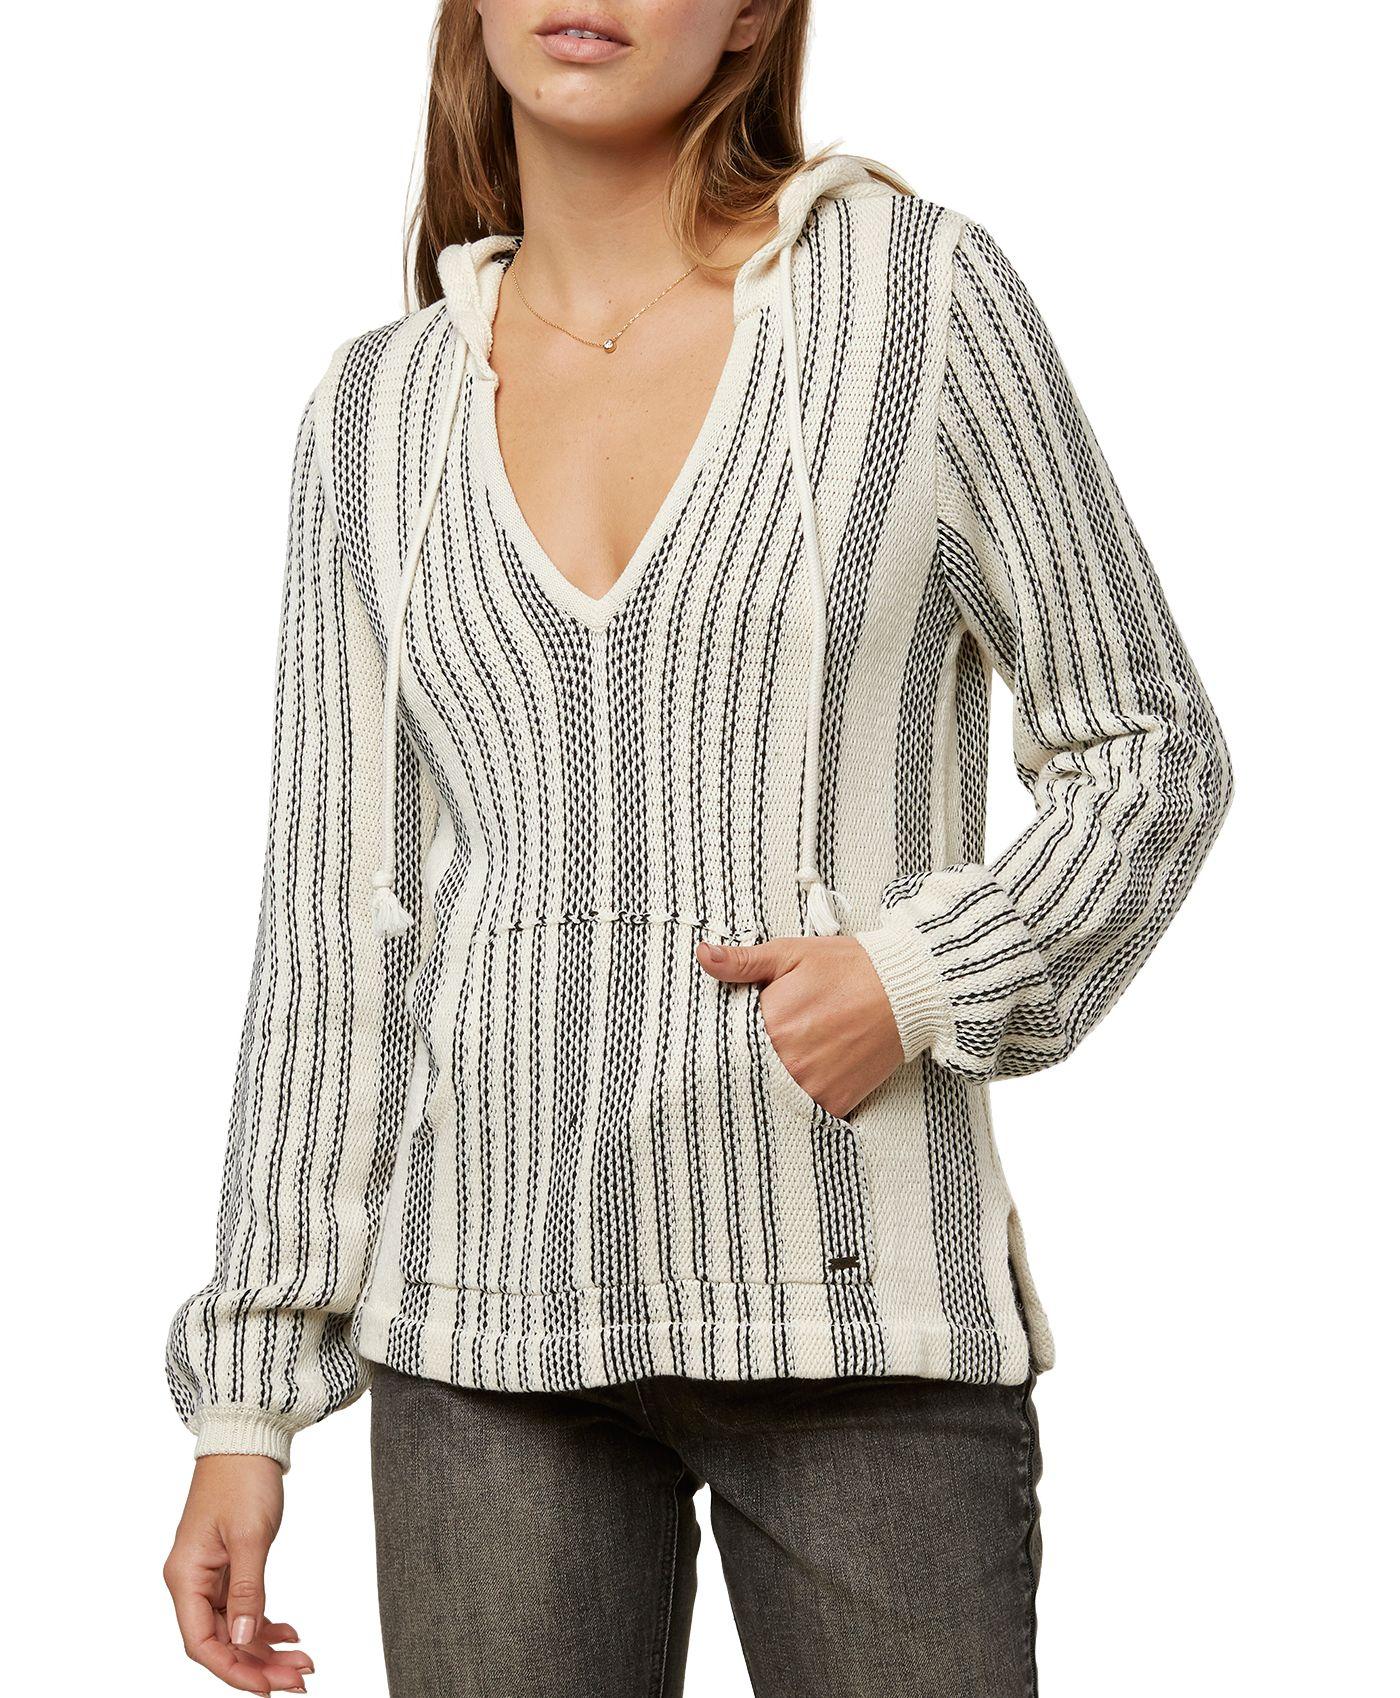 O'Neill Women's Campfire Sweater